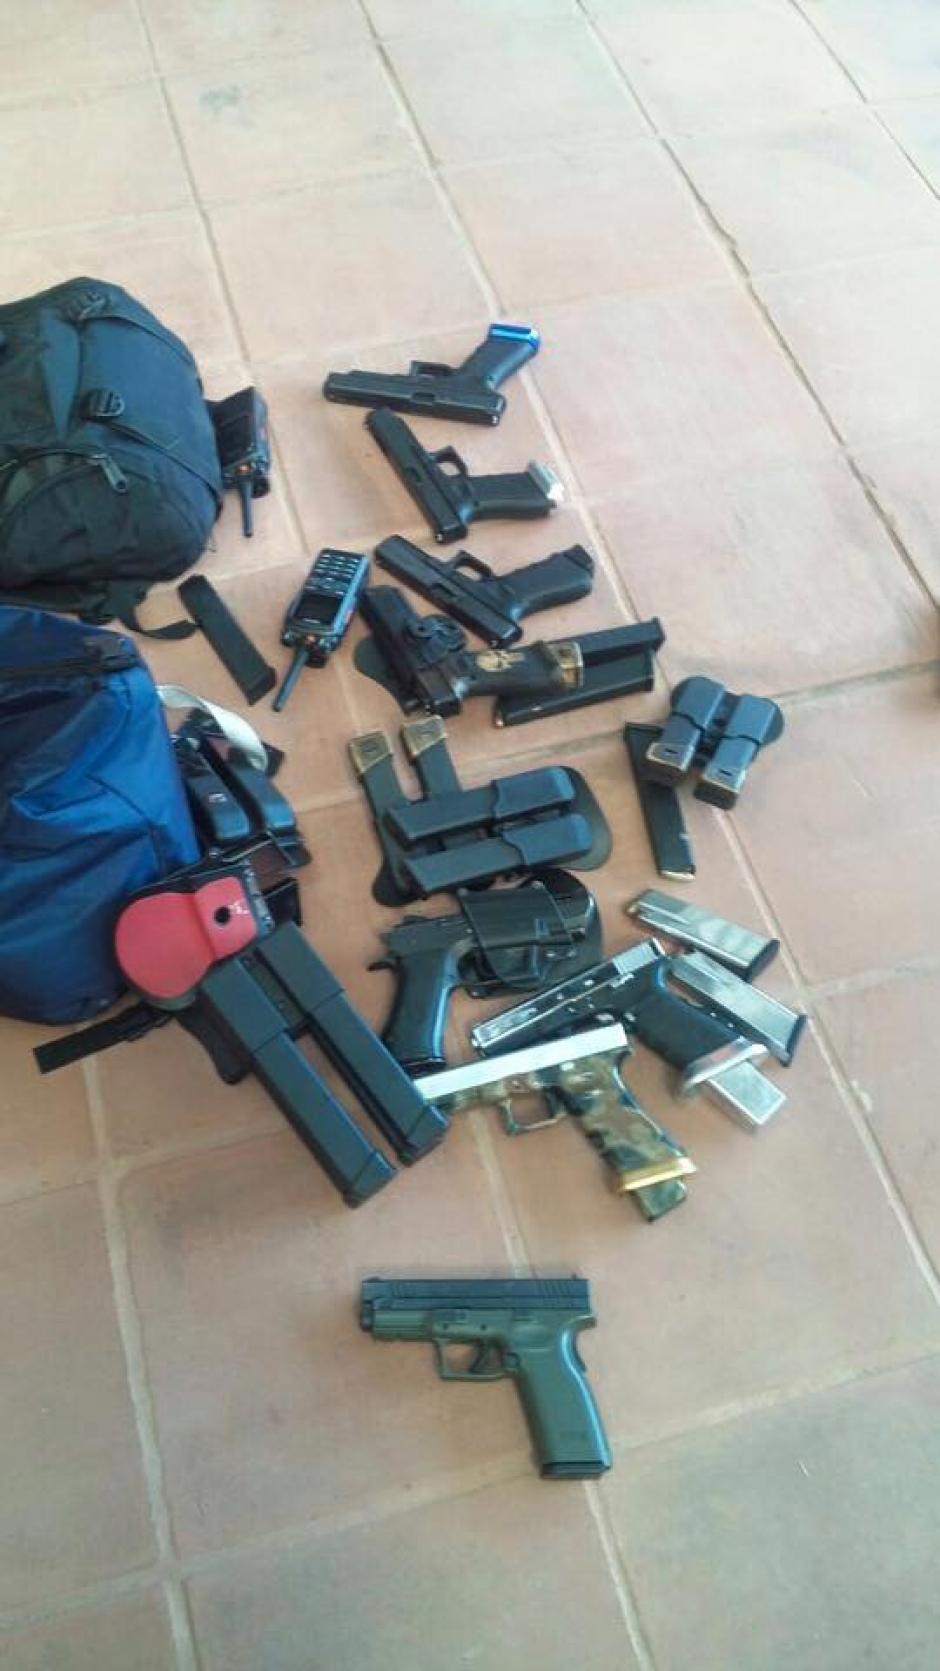 Un considerable lote de armas fueron encontradas durante el operativo. (Foto: PNC)